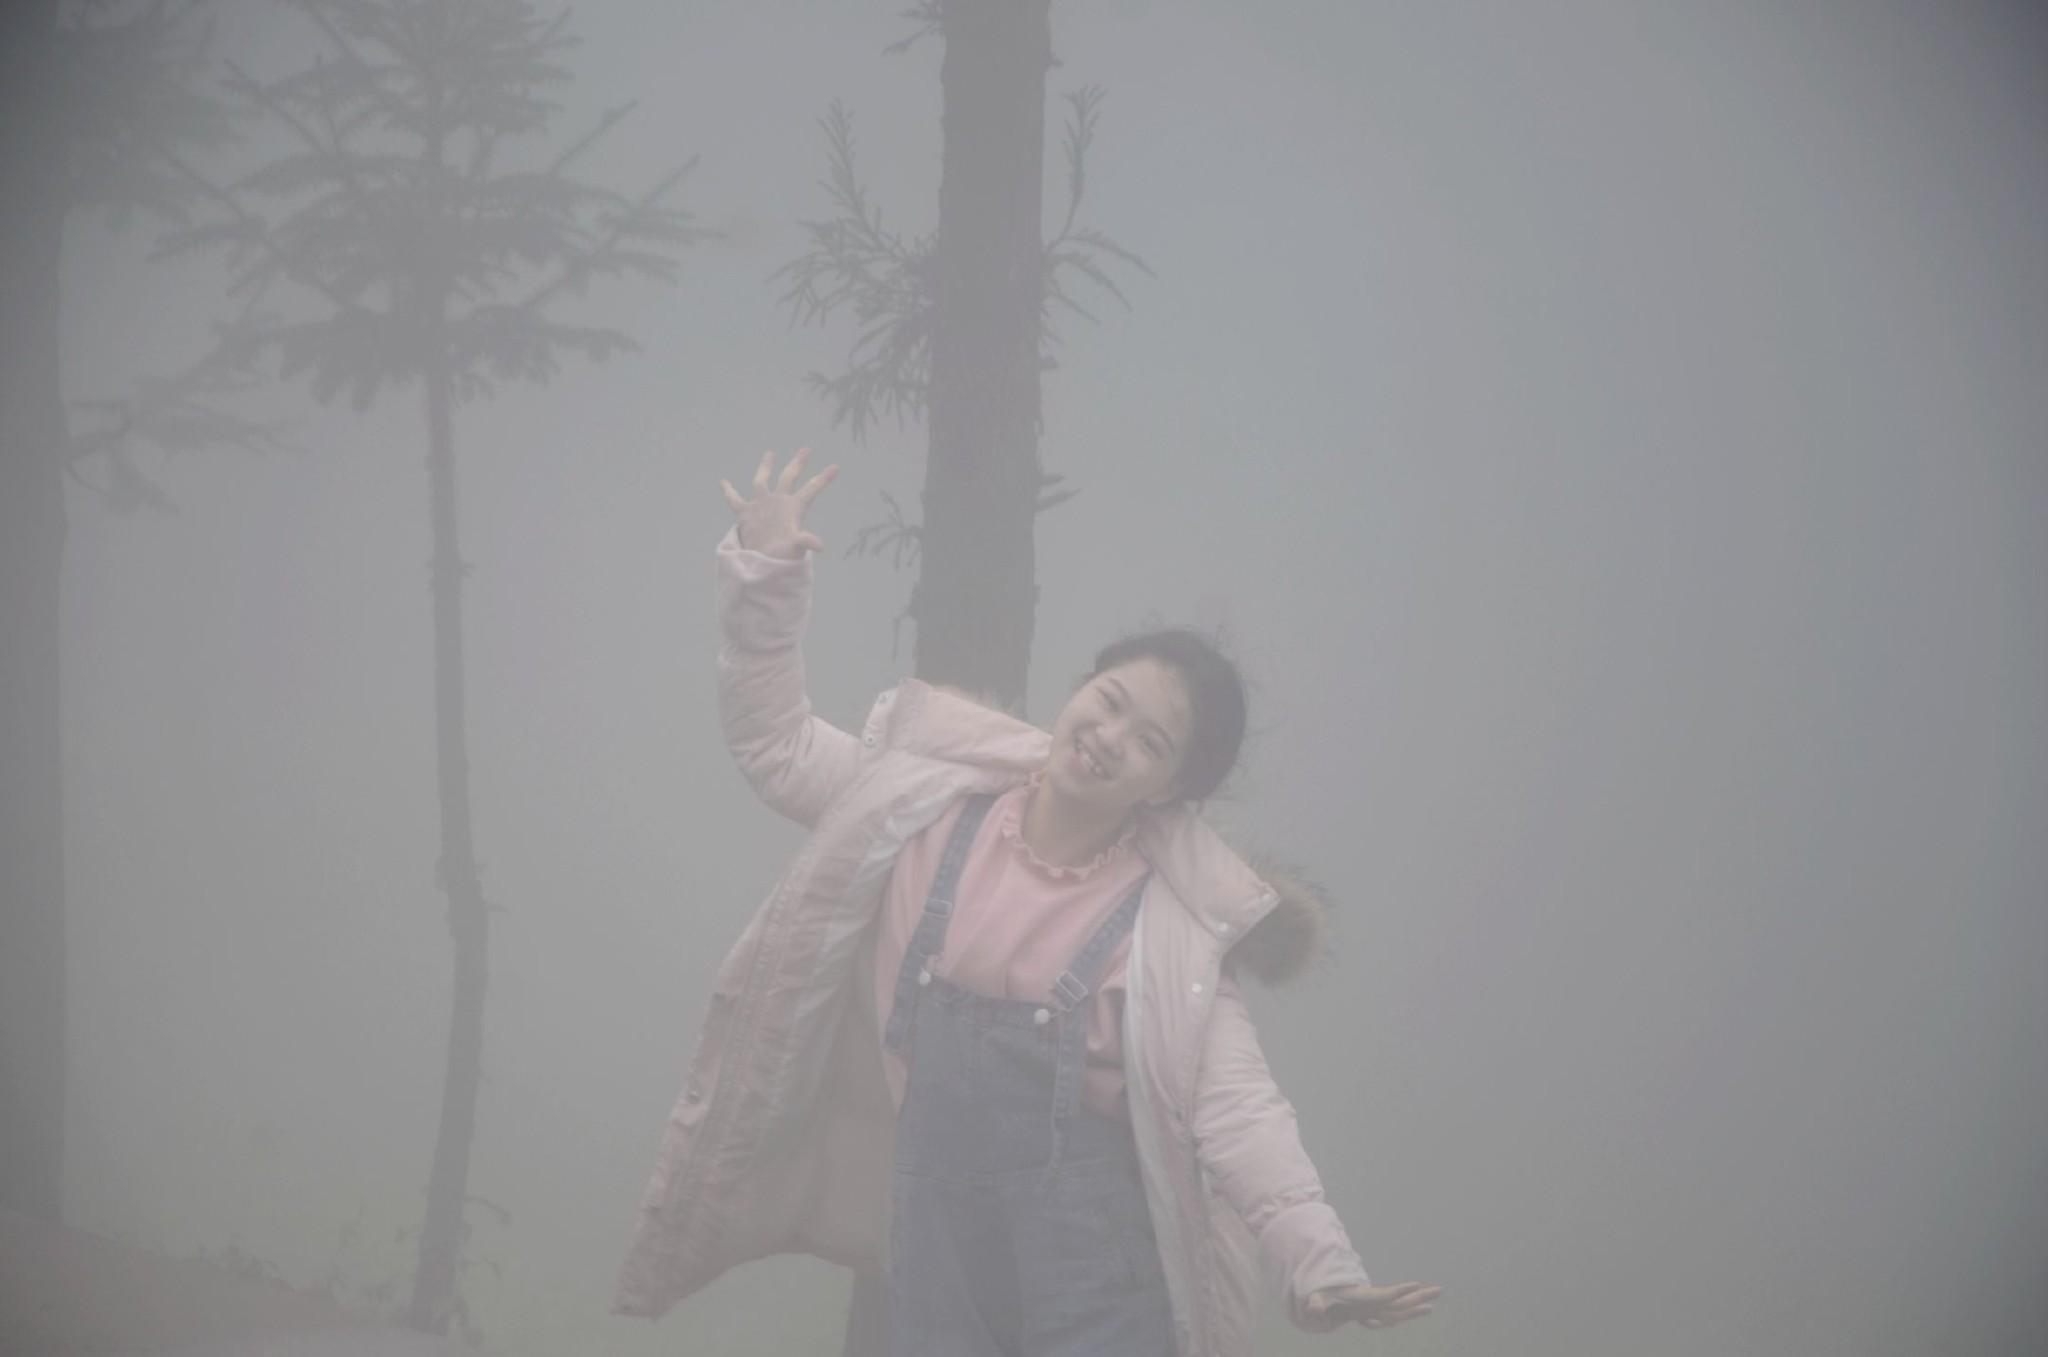 海南女孩旅行贵州,从六盘水到云南曲靖,悬崖路上迷雾会变魔术!